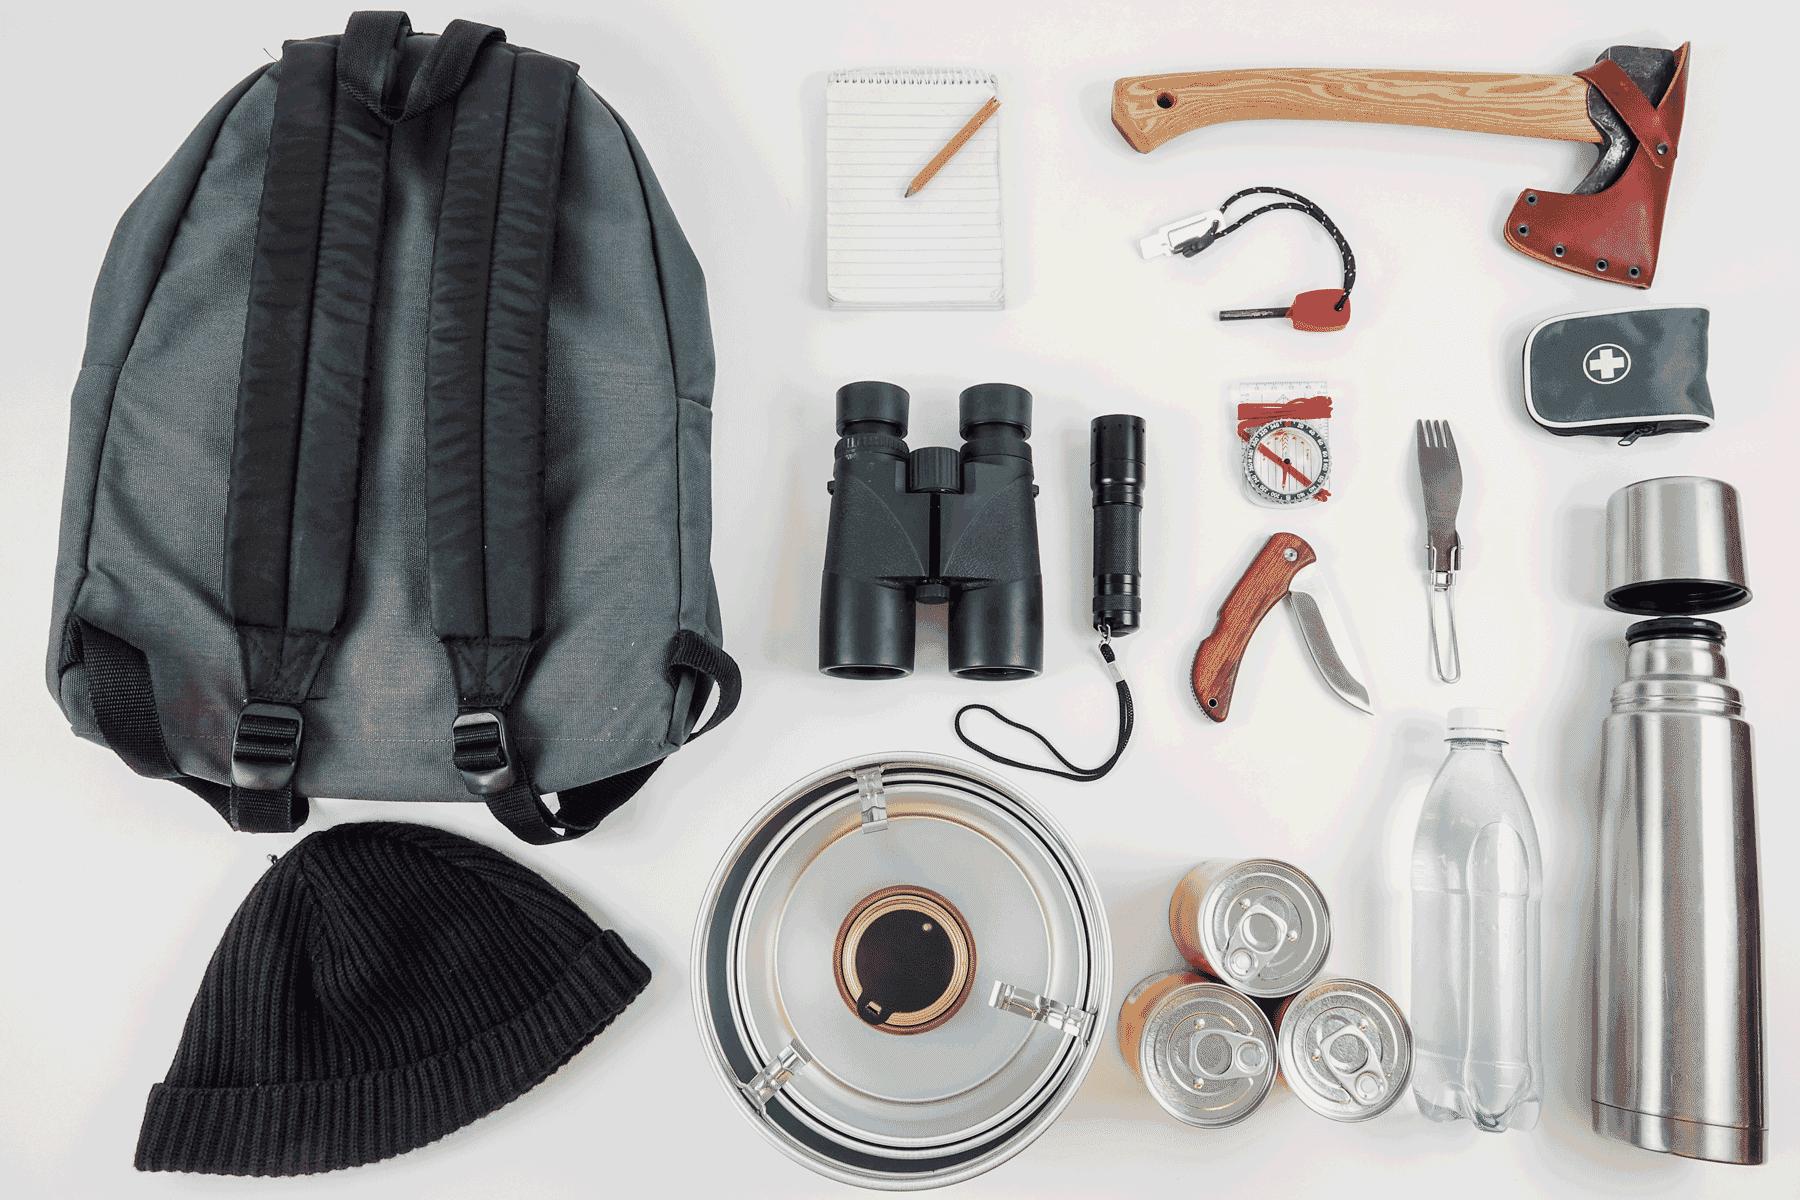 Der übliche Inhalt eines Survival Bug Out Bag: Axt, Feldstecher, Wasser, Kompass etc.